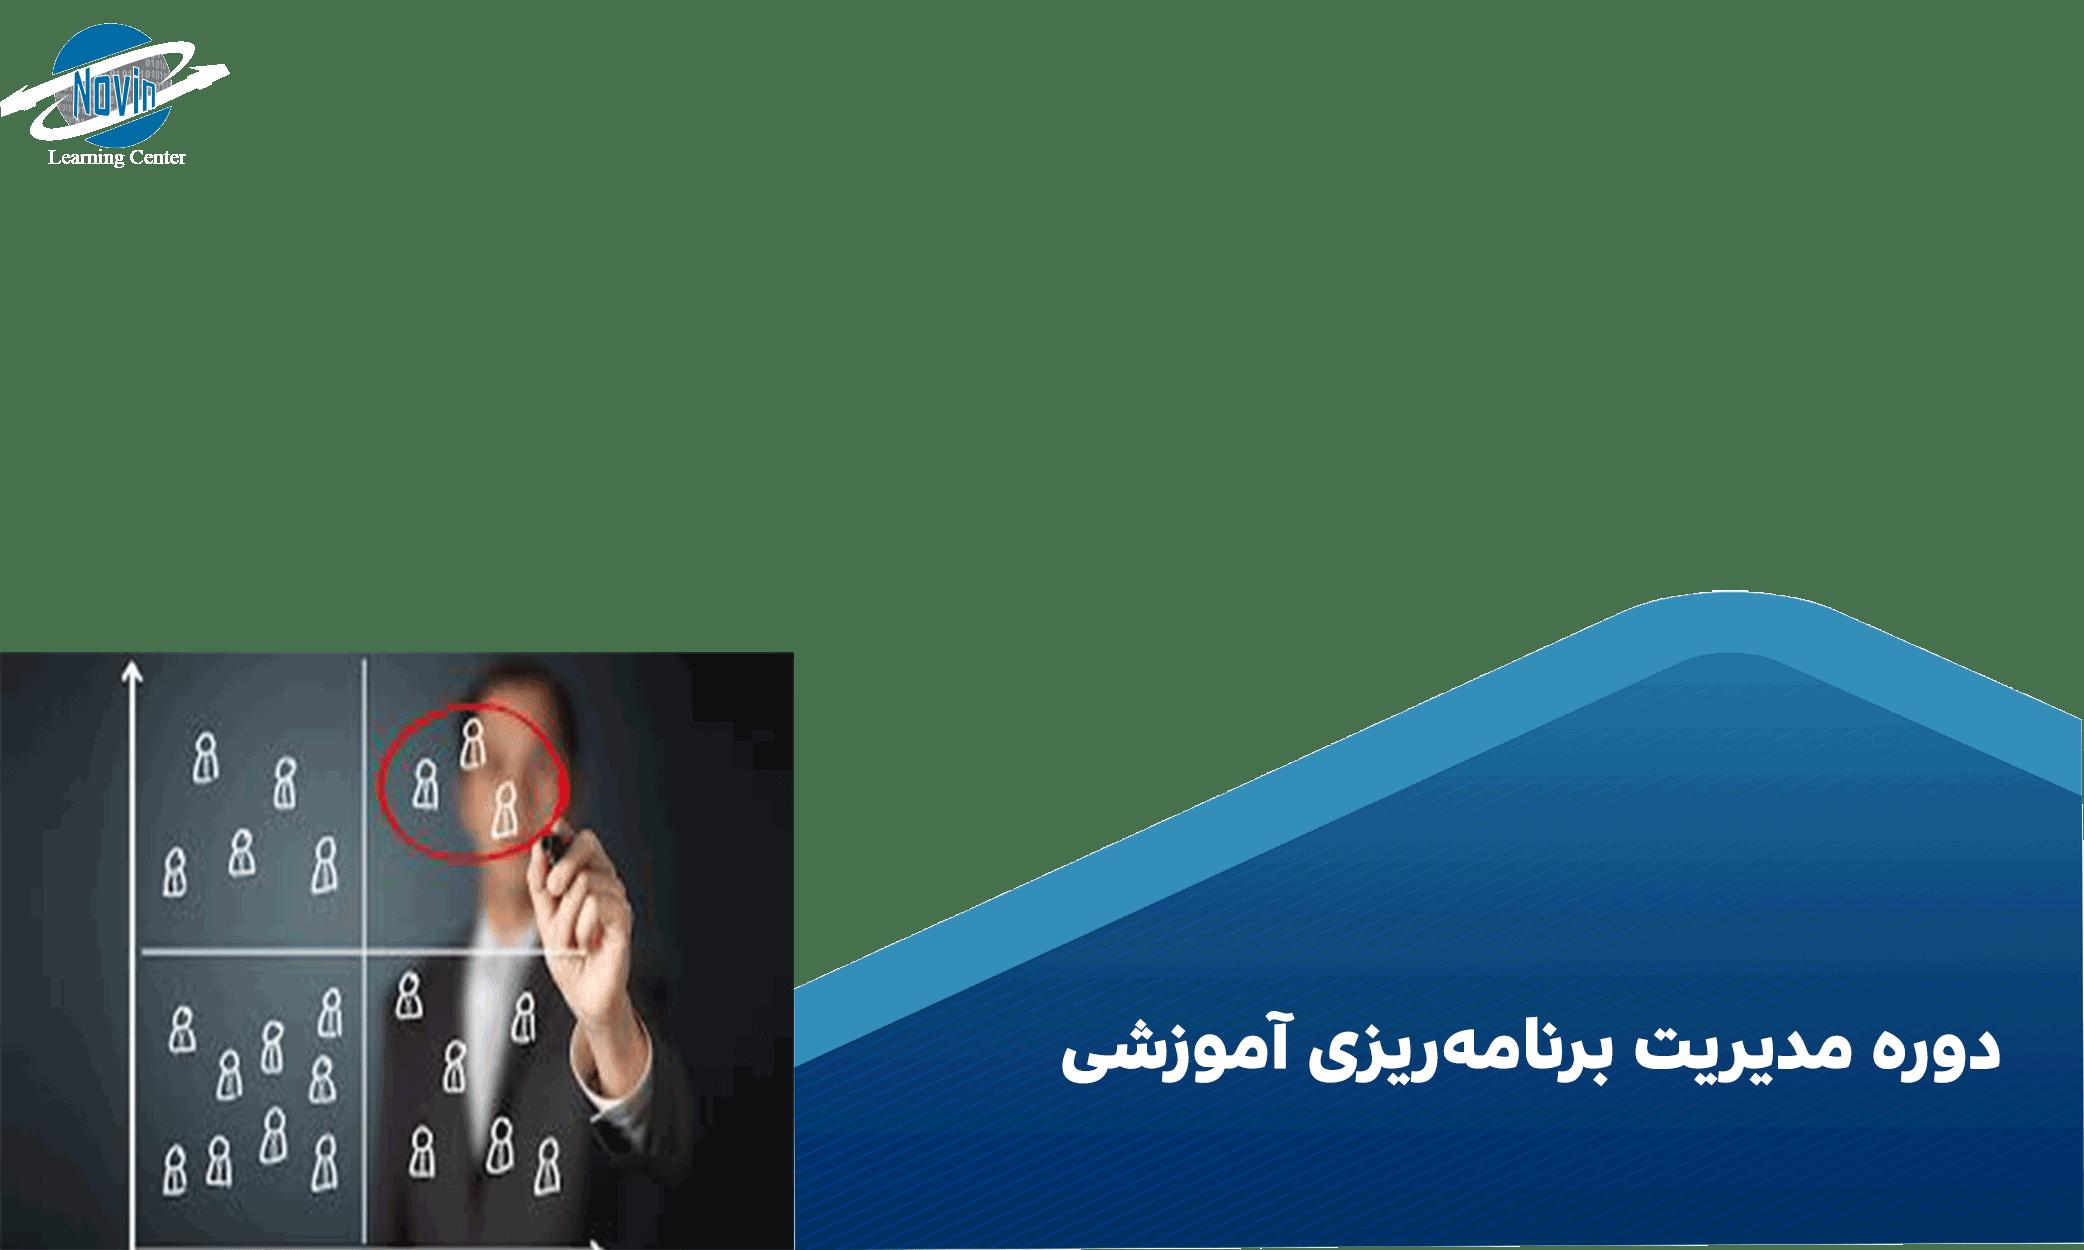 دوره-مدیریت-برنامهریزی-آموزشی